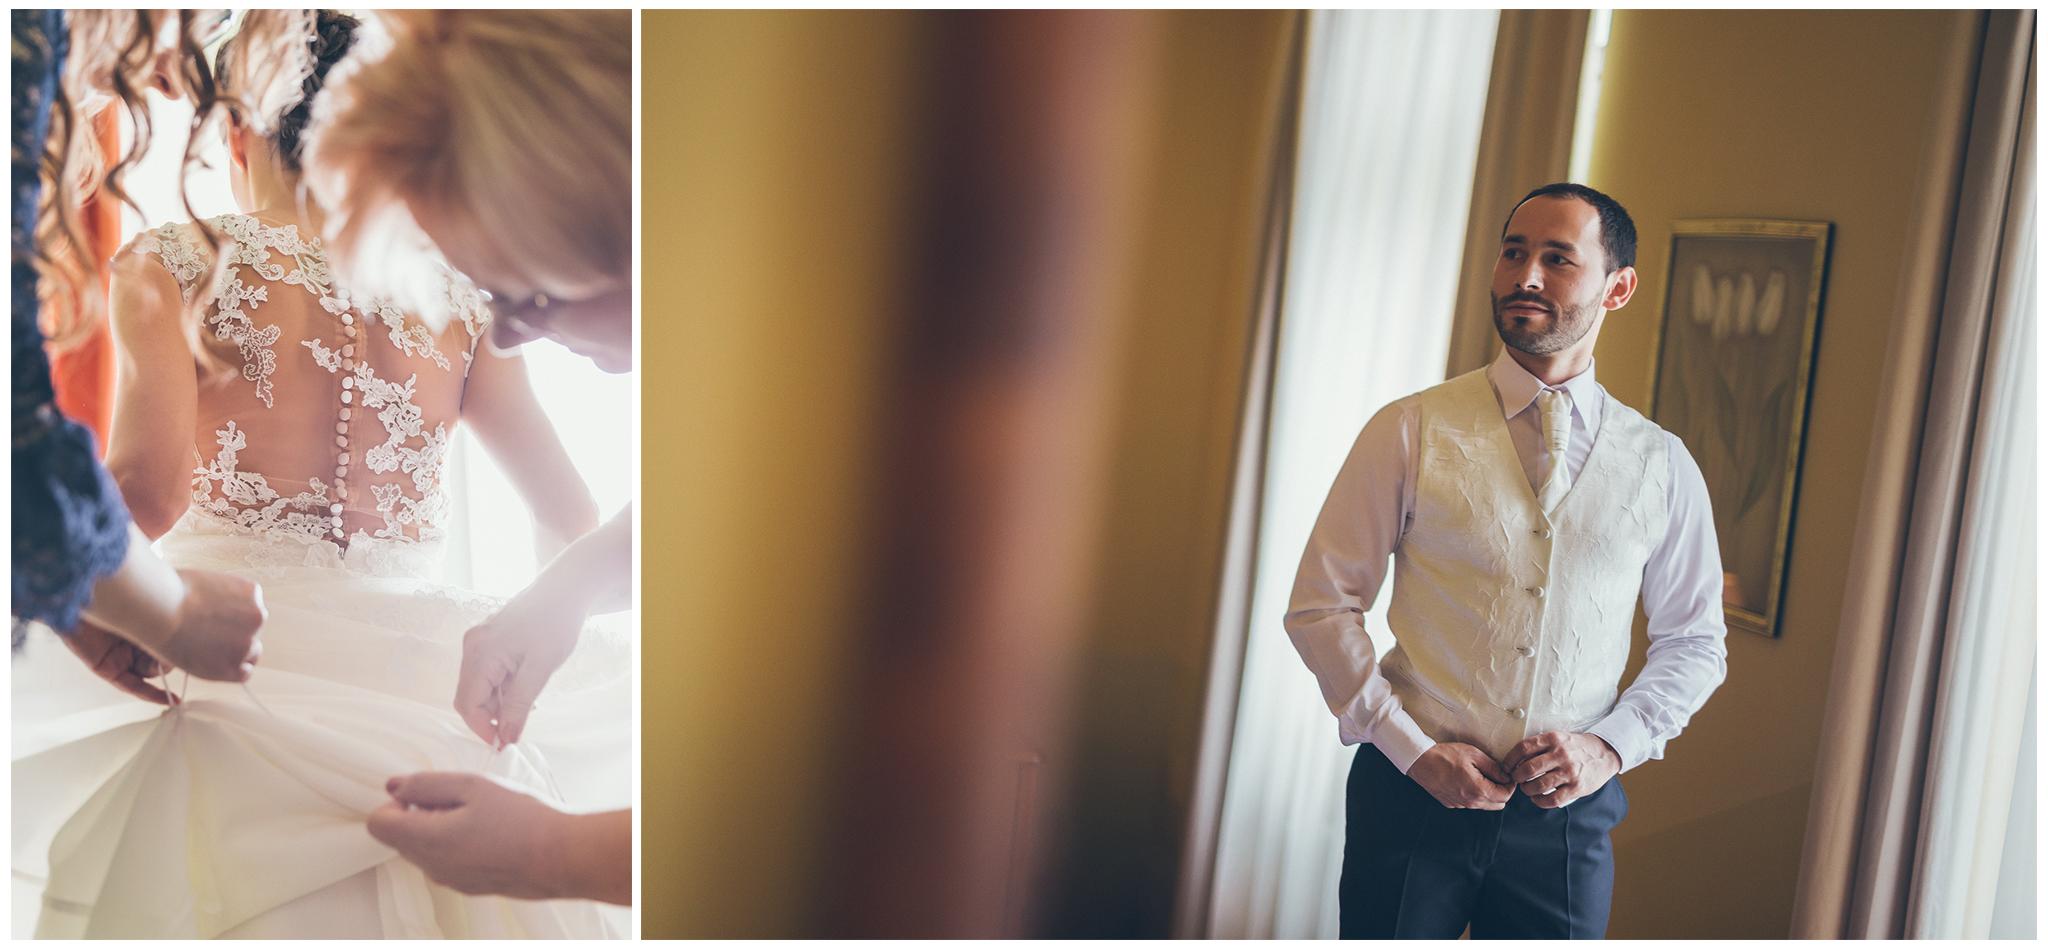 FylepPhoto, esküvőfotós, esküvői fotós Körmend, Szombathely, esküvőfotózás, magyarország, vas megye, prémium, jegyesfotózás, Fülöp Péter, körmend, kreatív, fotográfus_010.jpg